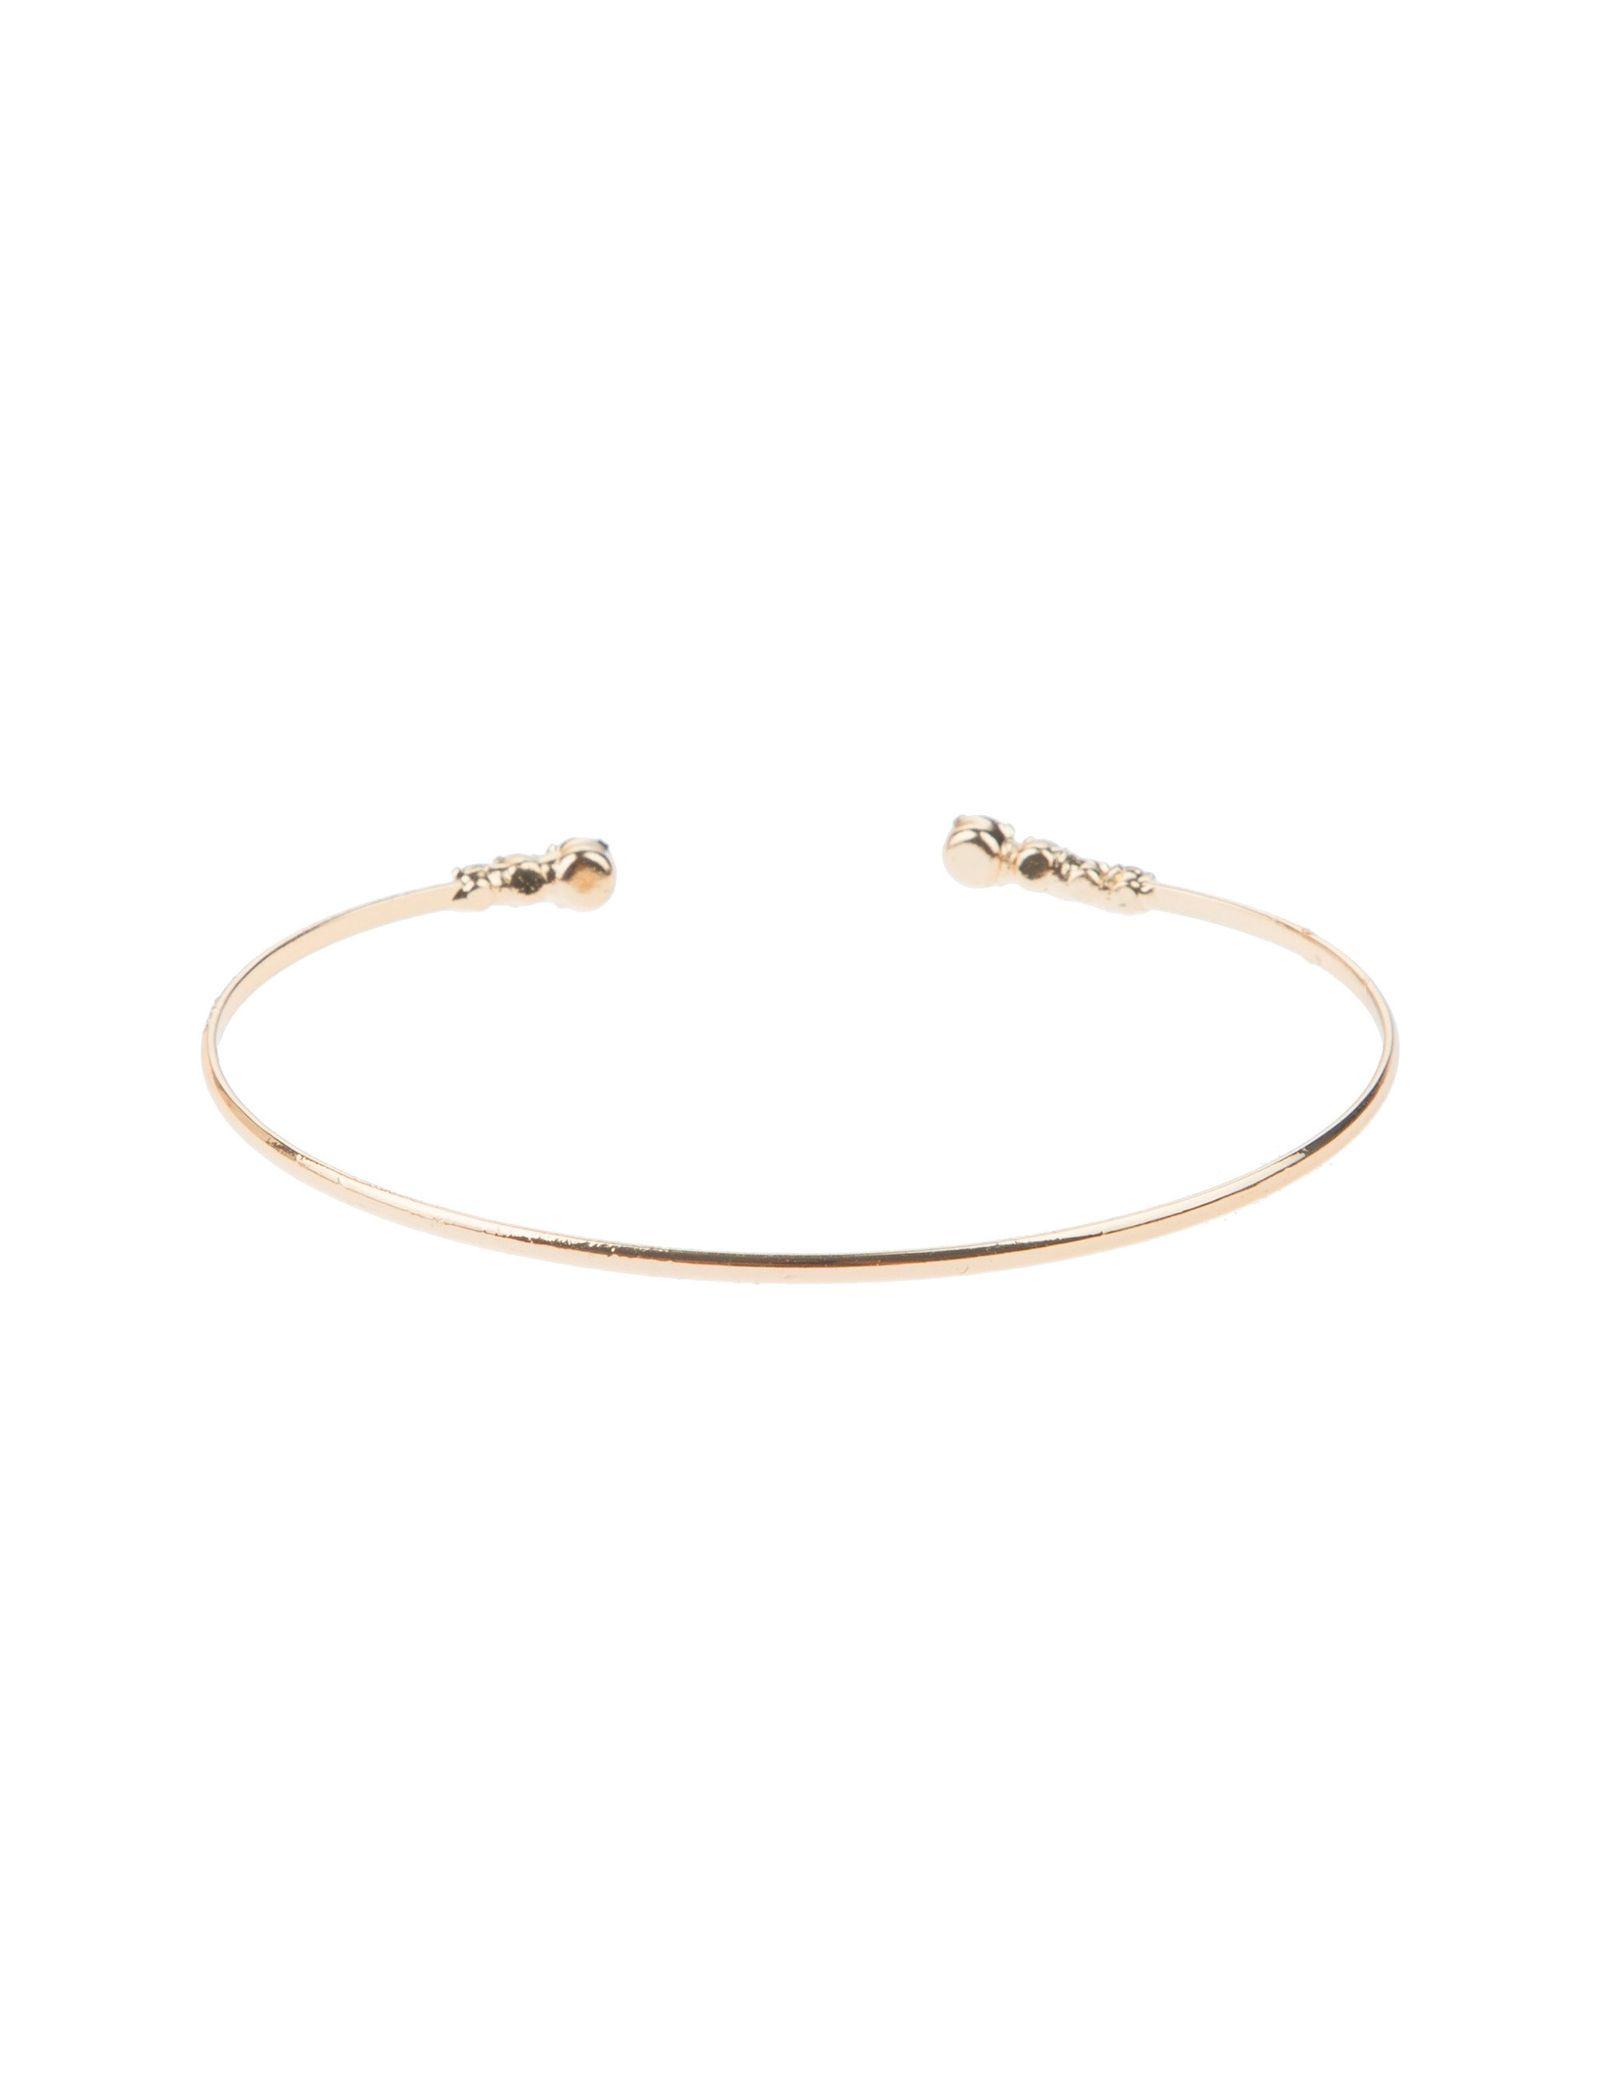 دستبند النگویی زنانه بسته 3 عددی - آلدو تک سایز - طلايي - 2